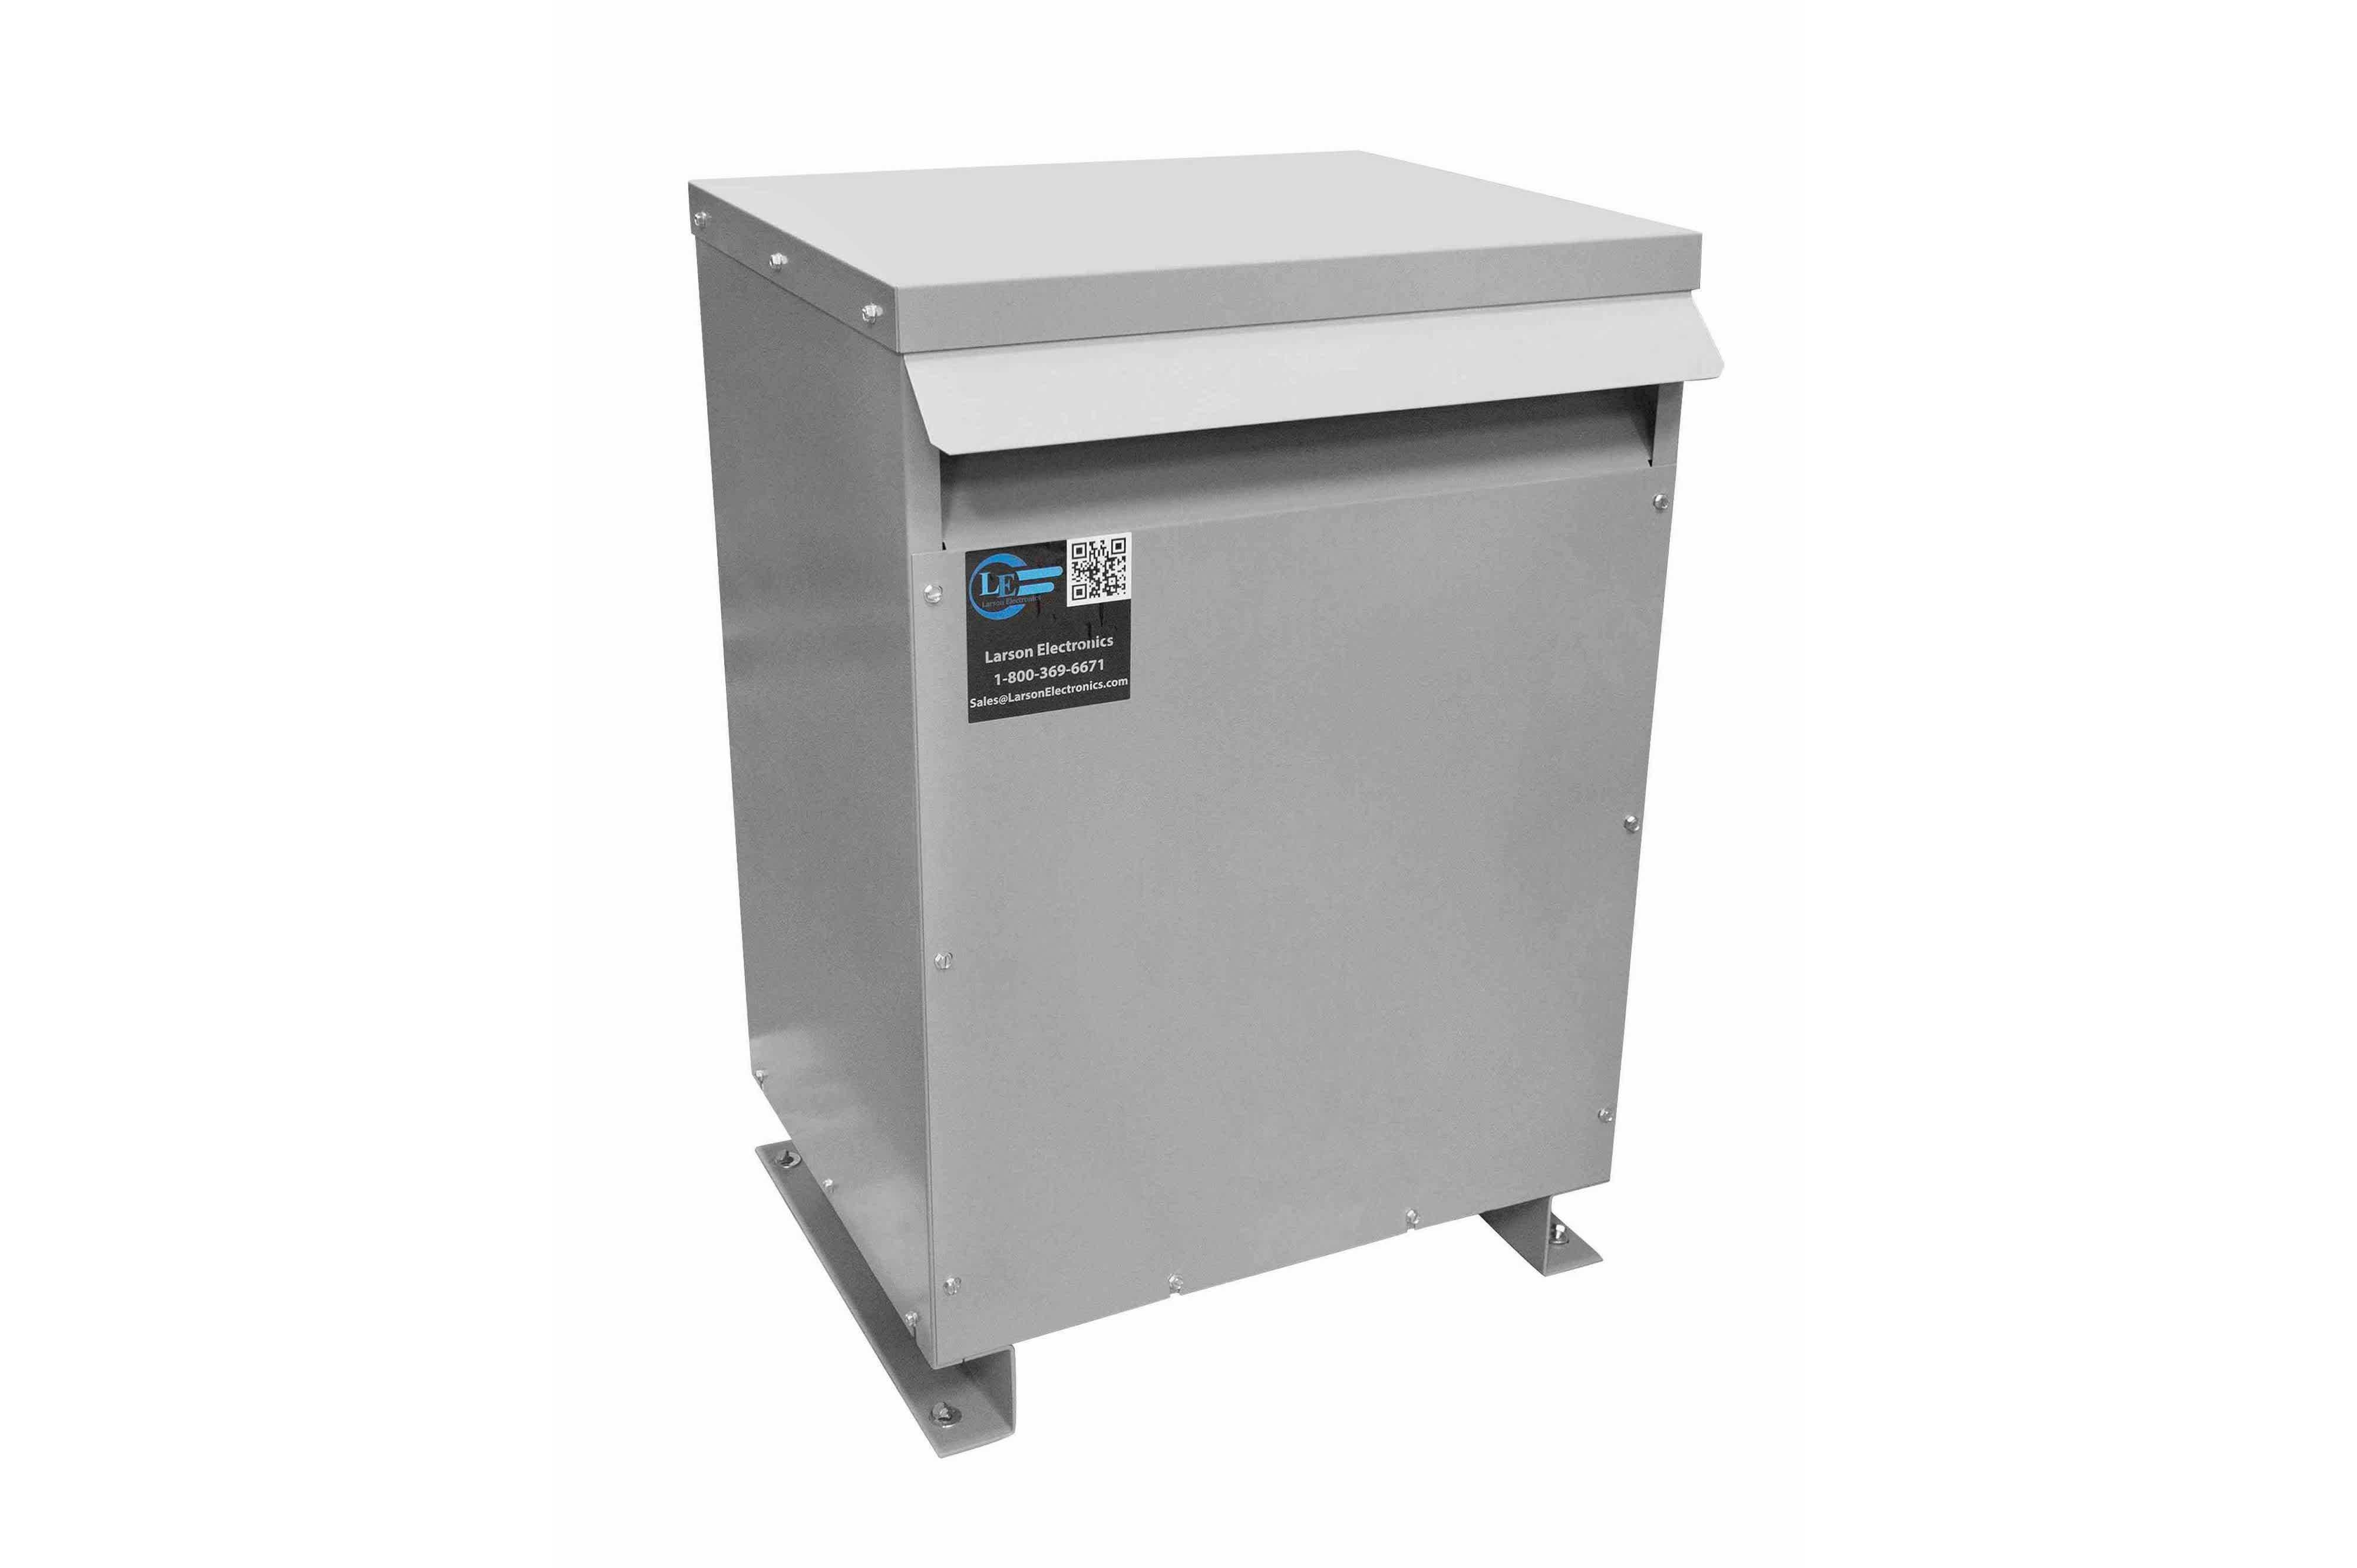 100 kVA 3PH Isolation Transformer, 480V Delta Primary, 400V Delta Secondary, N3R, Ventilated, 60 Hz